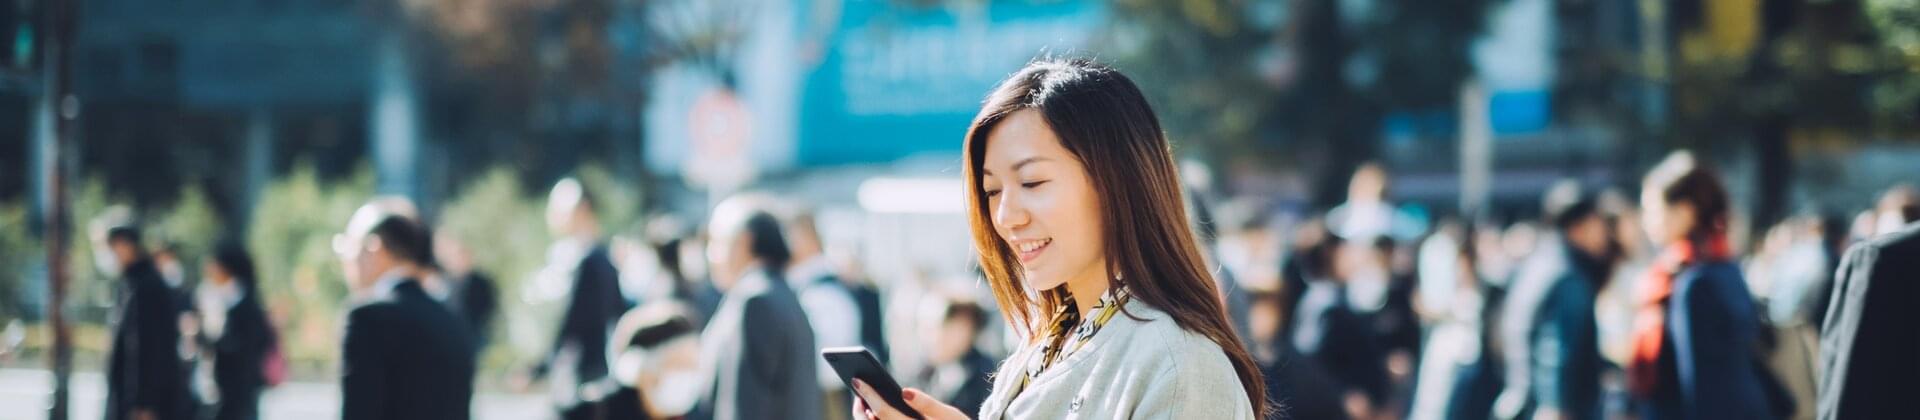 Asiatisk kvinna som tittar på mobil